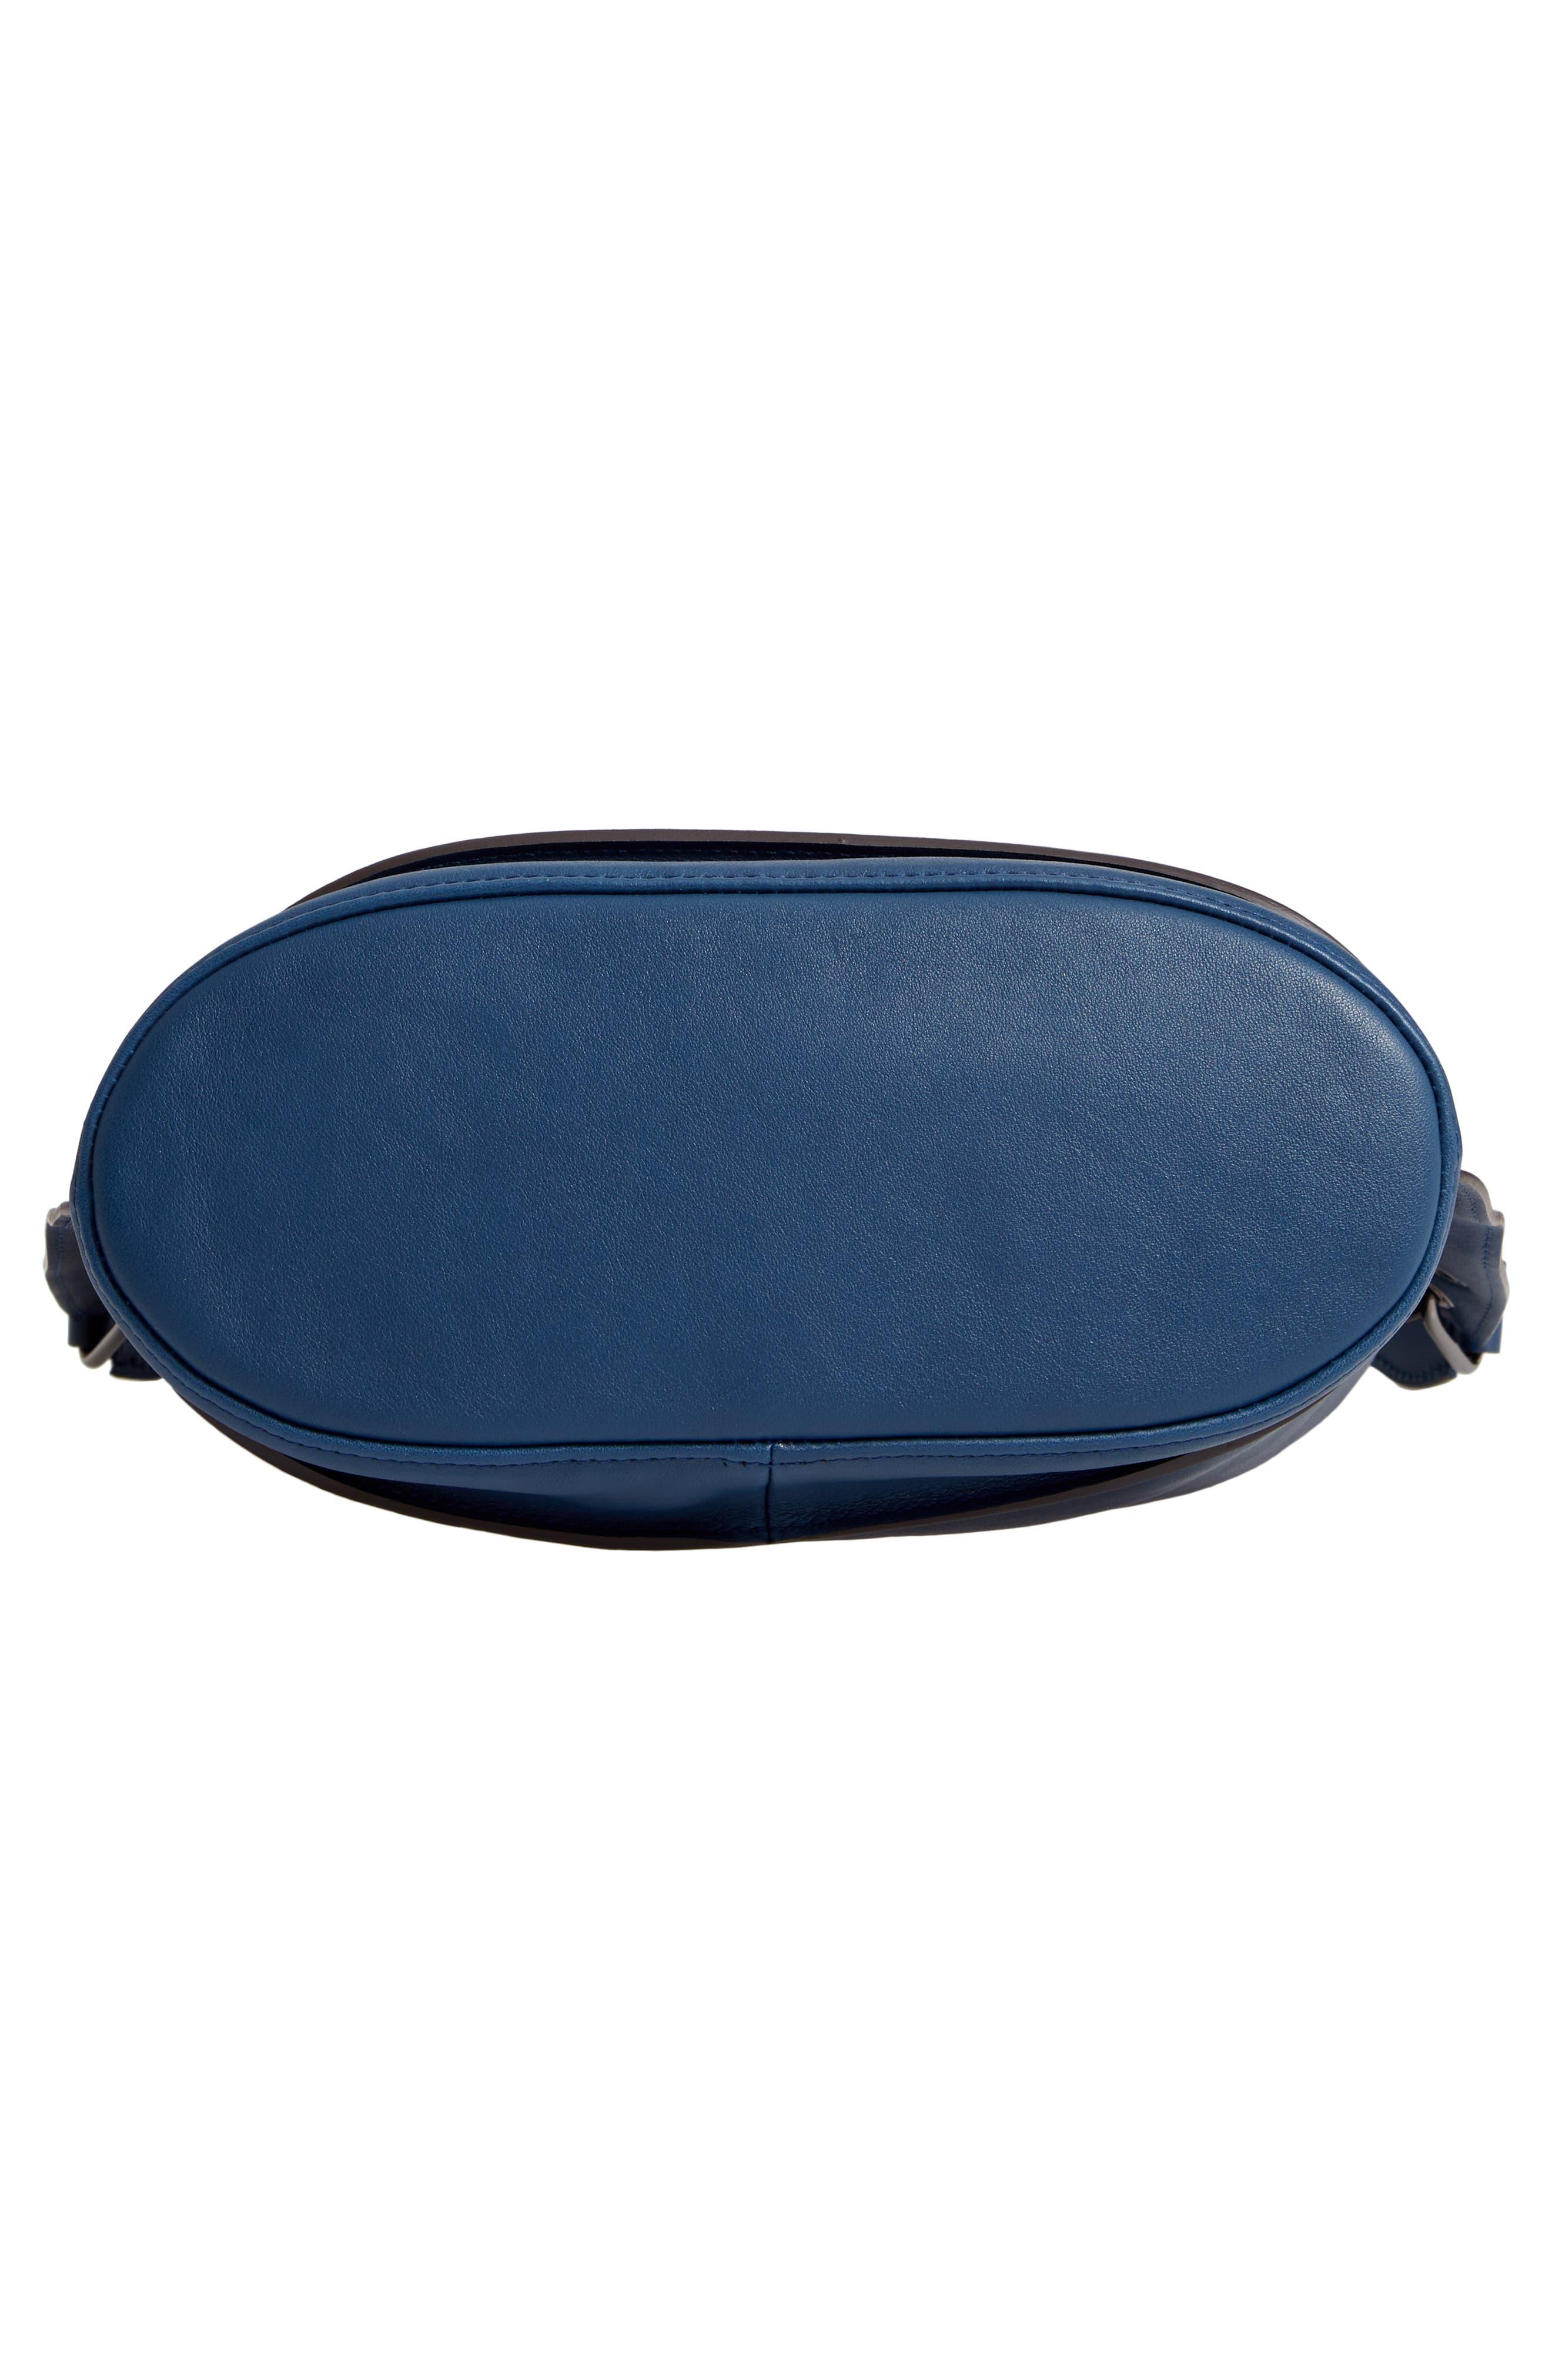 3D Leather Bucket Bag,                             Alternate thumbnail 6, color,                             PILOT BLUE